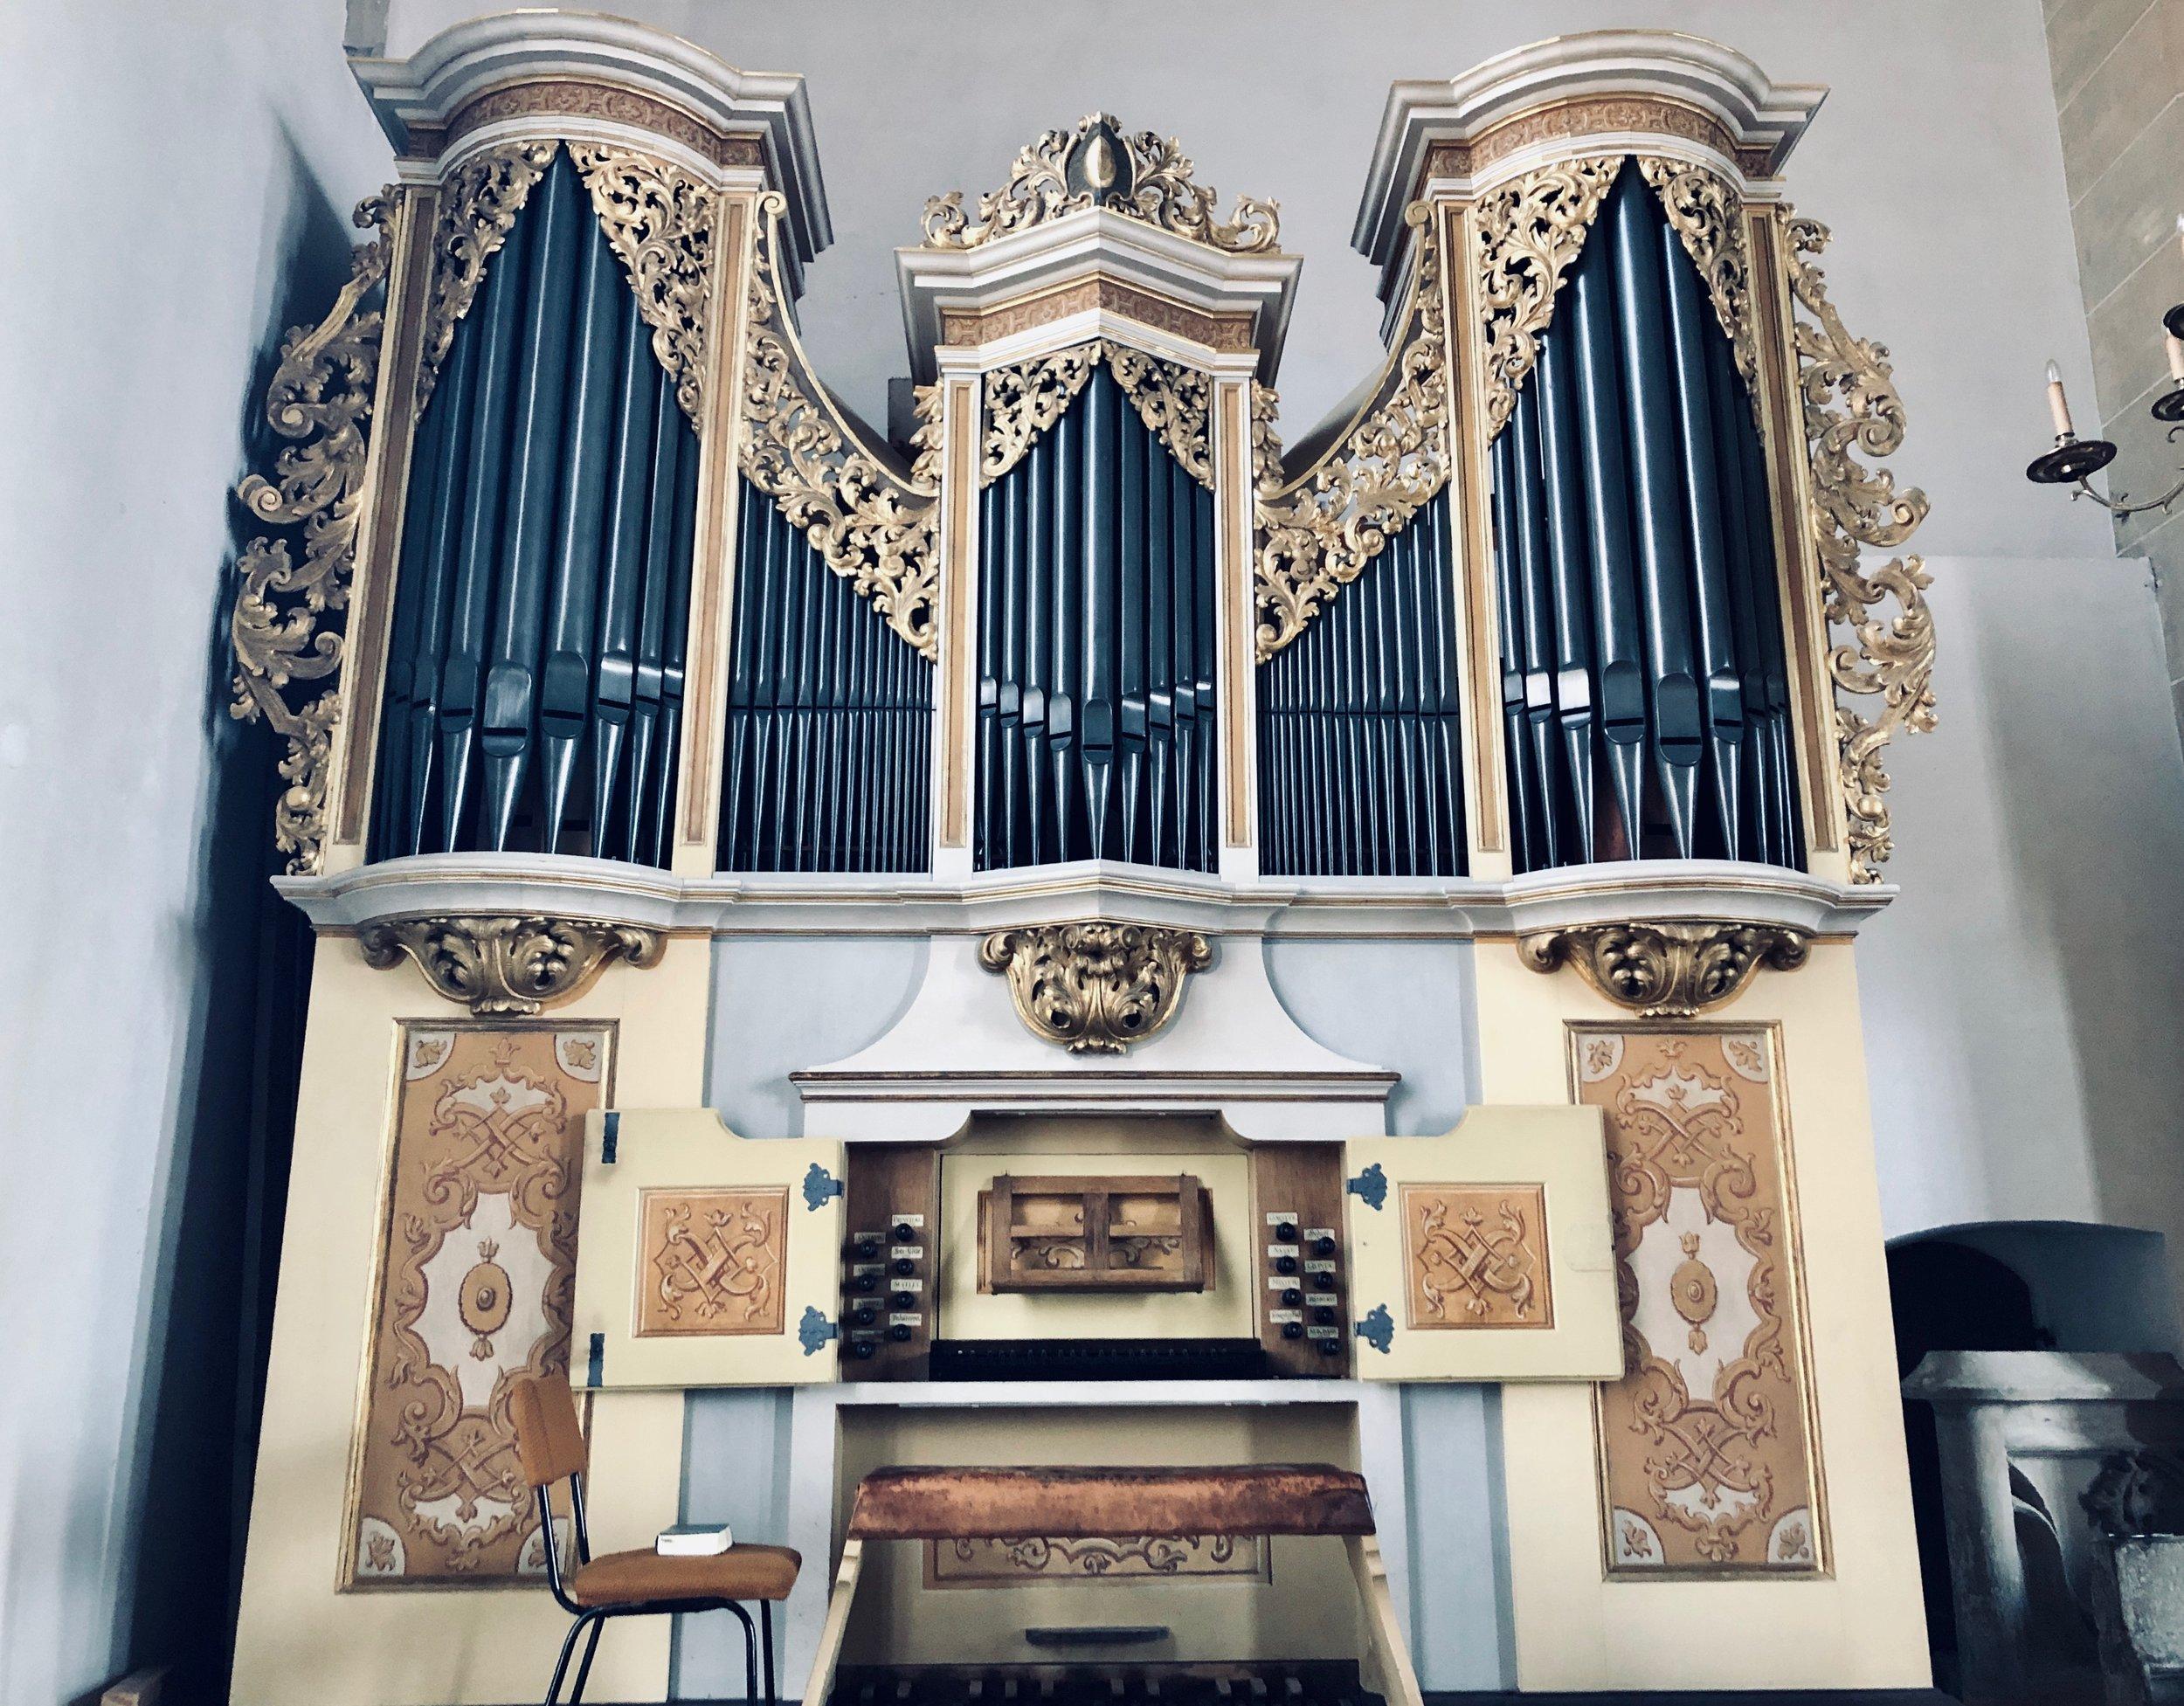 The 1718/19 Gottfried Silbermann organ in Freiberg Dom.